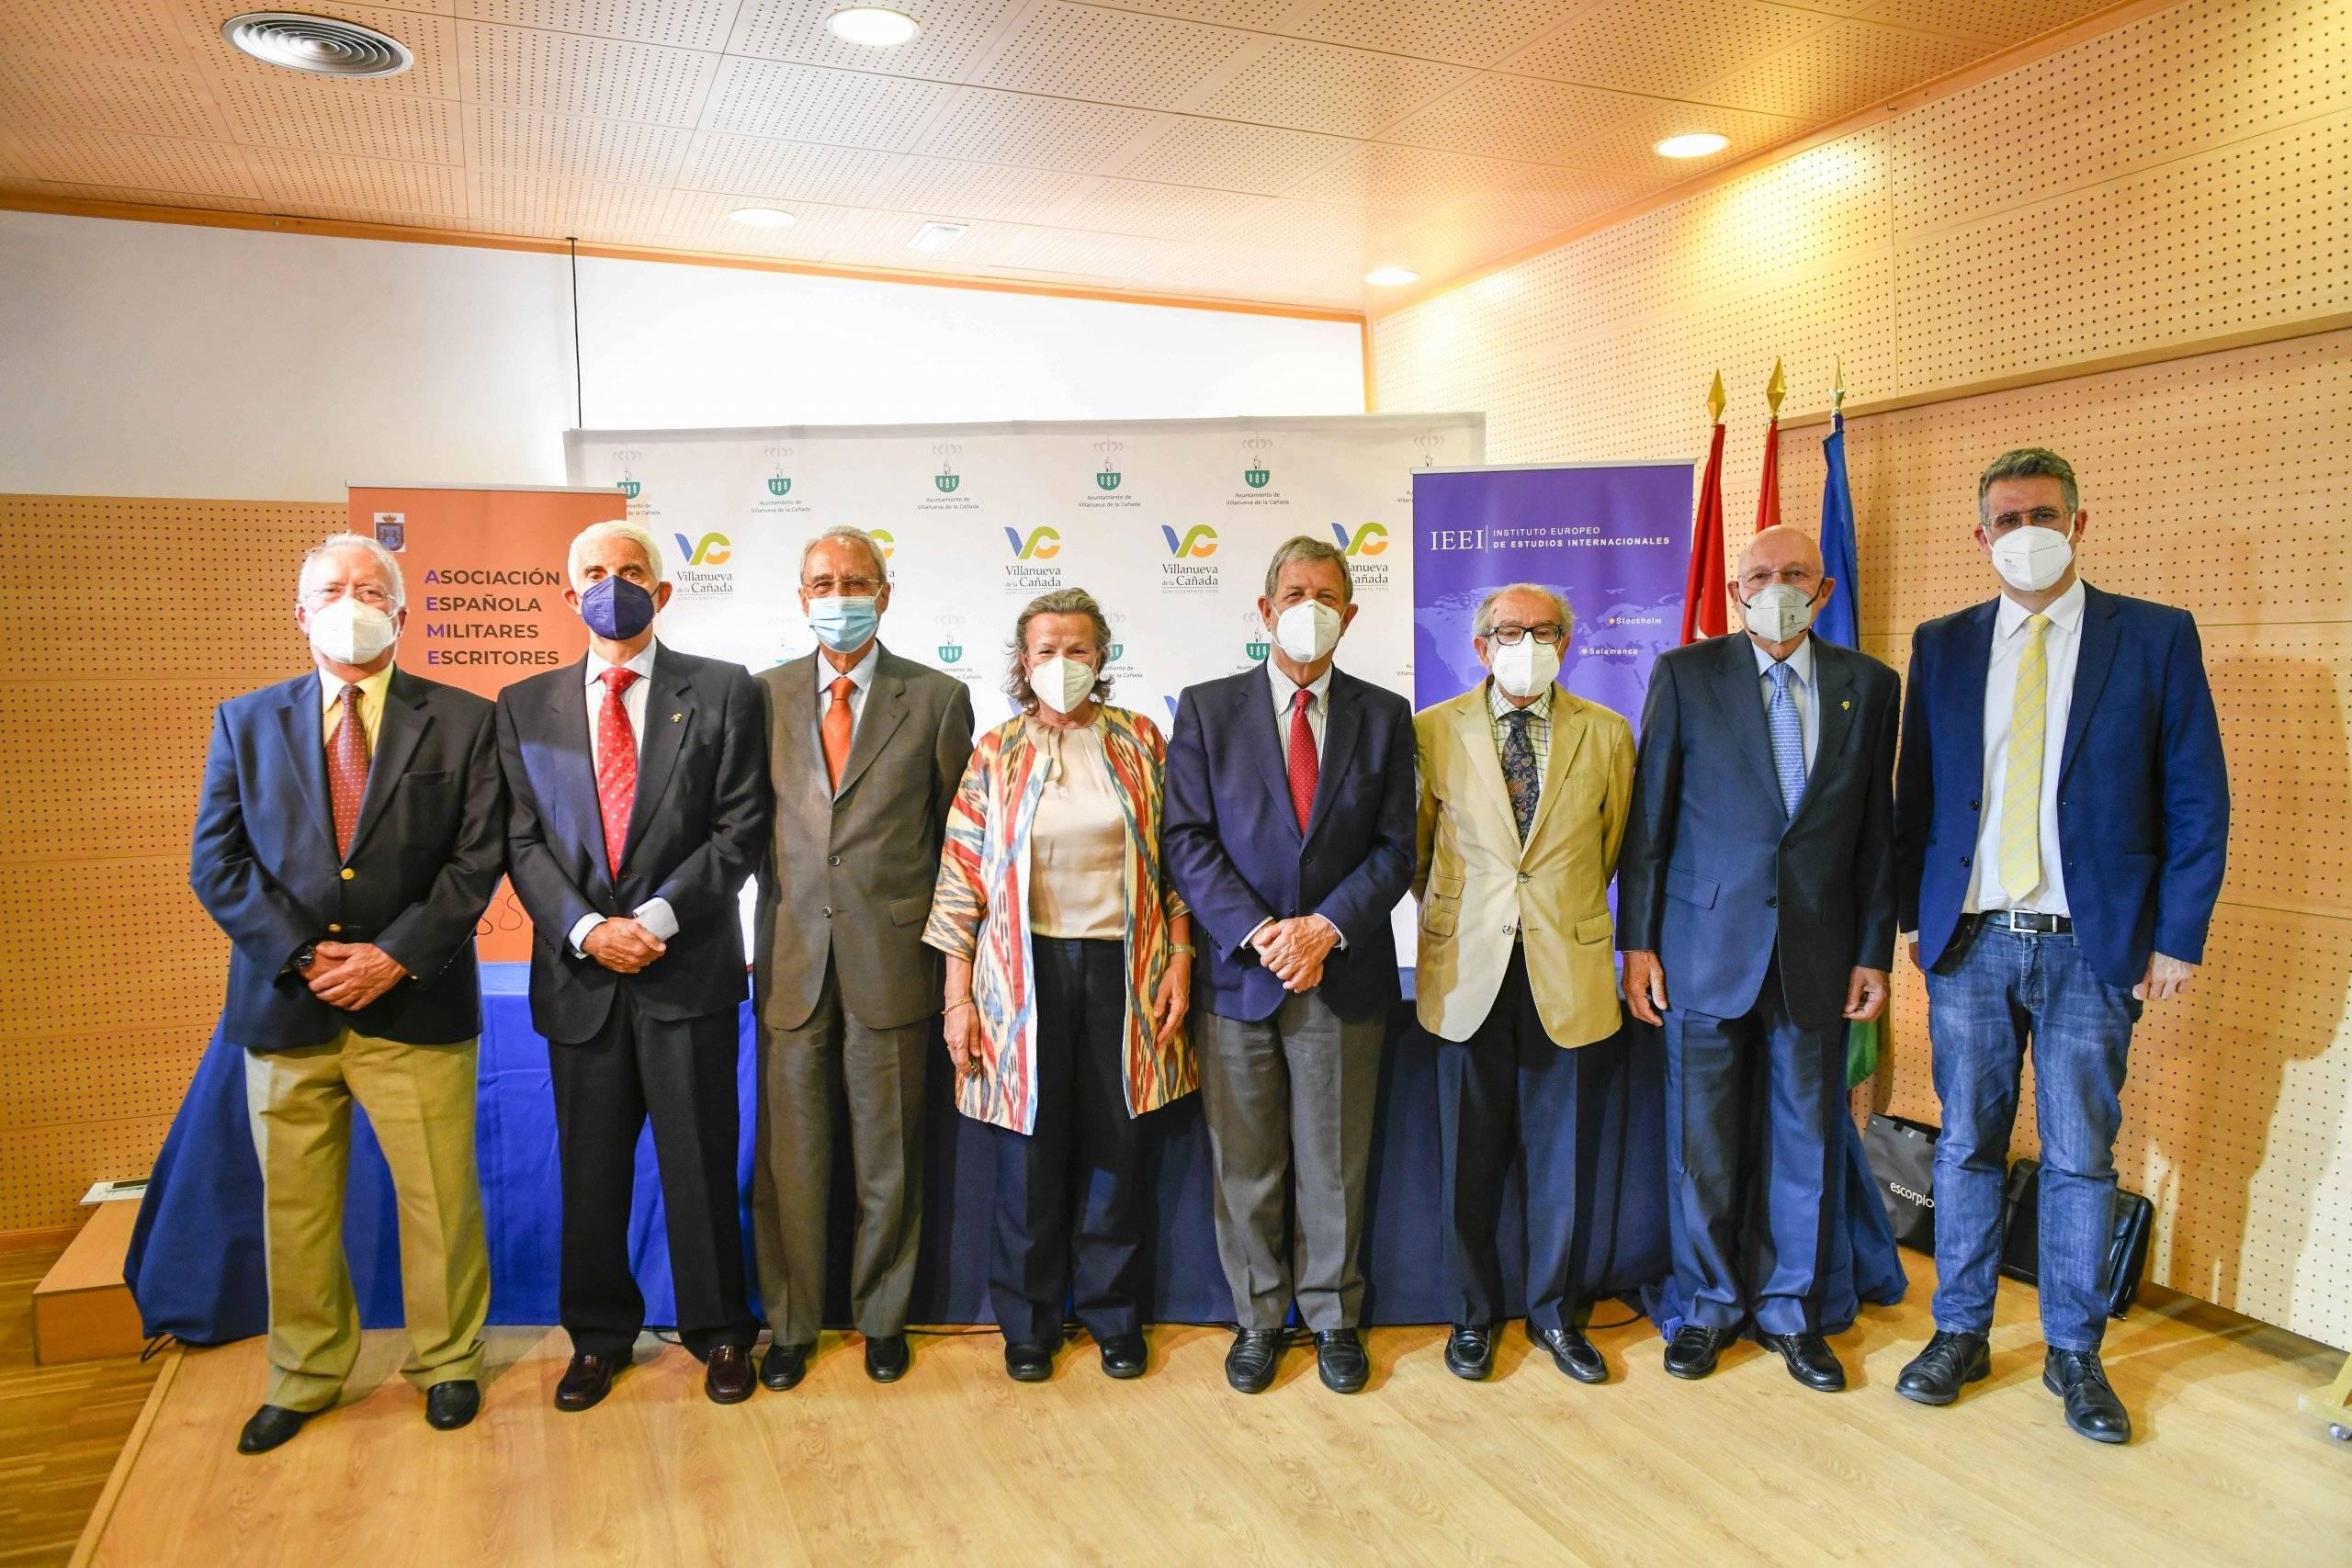 El alcalde y el concejal de Hermanamientos, Manuel Ayora, junto a los ponentes participantes en las jornadas.